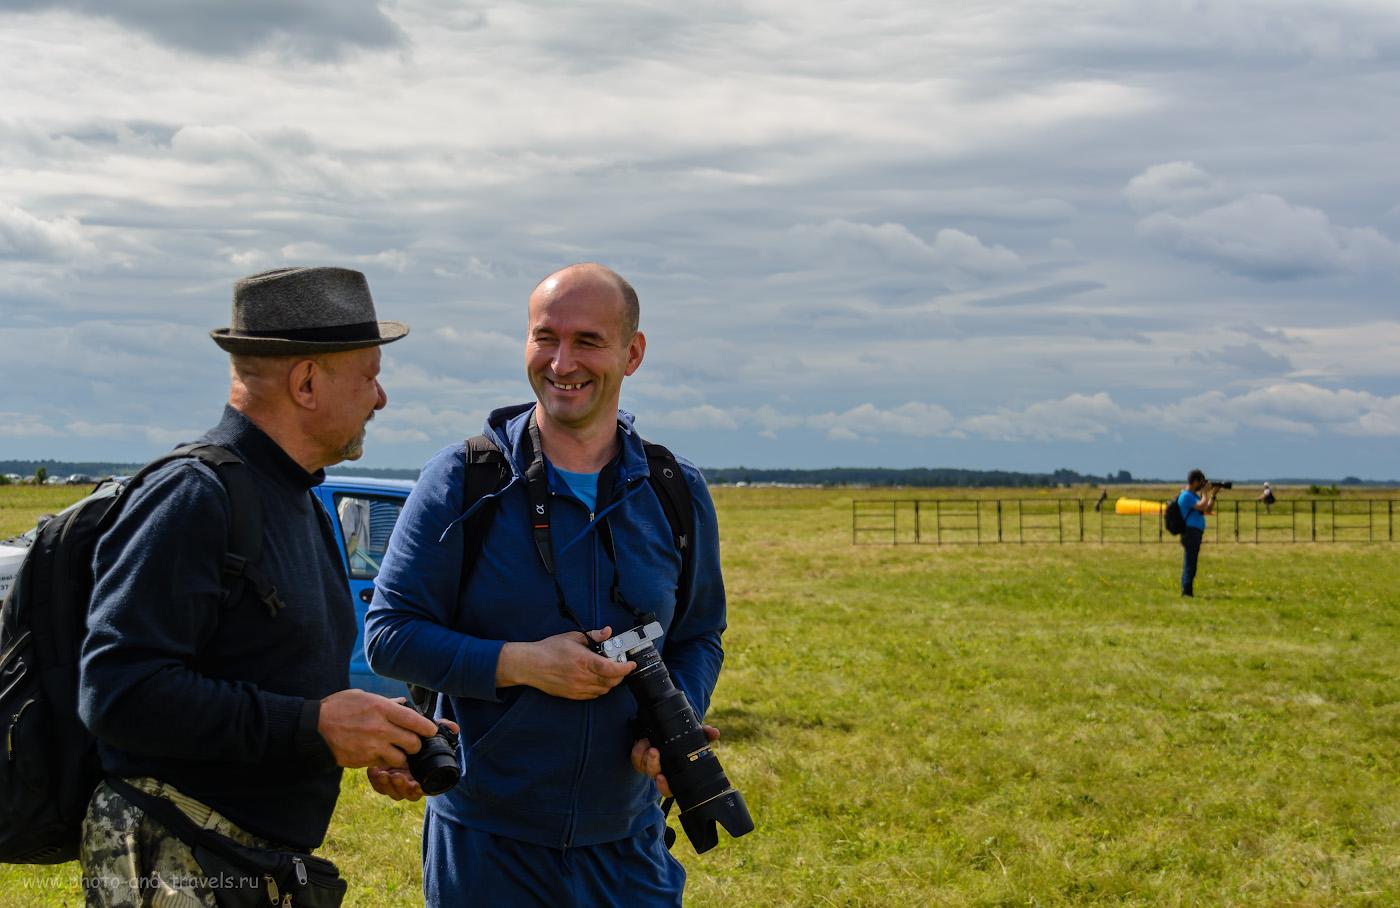 Фото 4. Ты приехал снимать фоторепортаж на Sony A6000 KIT 16-50mm f/3.5-5.6? Смешно! Вот каким объективом фотографируют самолеты профессионалы любители понтов! Телеобъектив Nikon 70-200mm f/2.8 + экстендер Nikon TC-14E II + адаптер Viltrox NF-NEX.